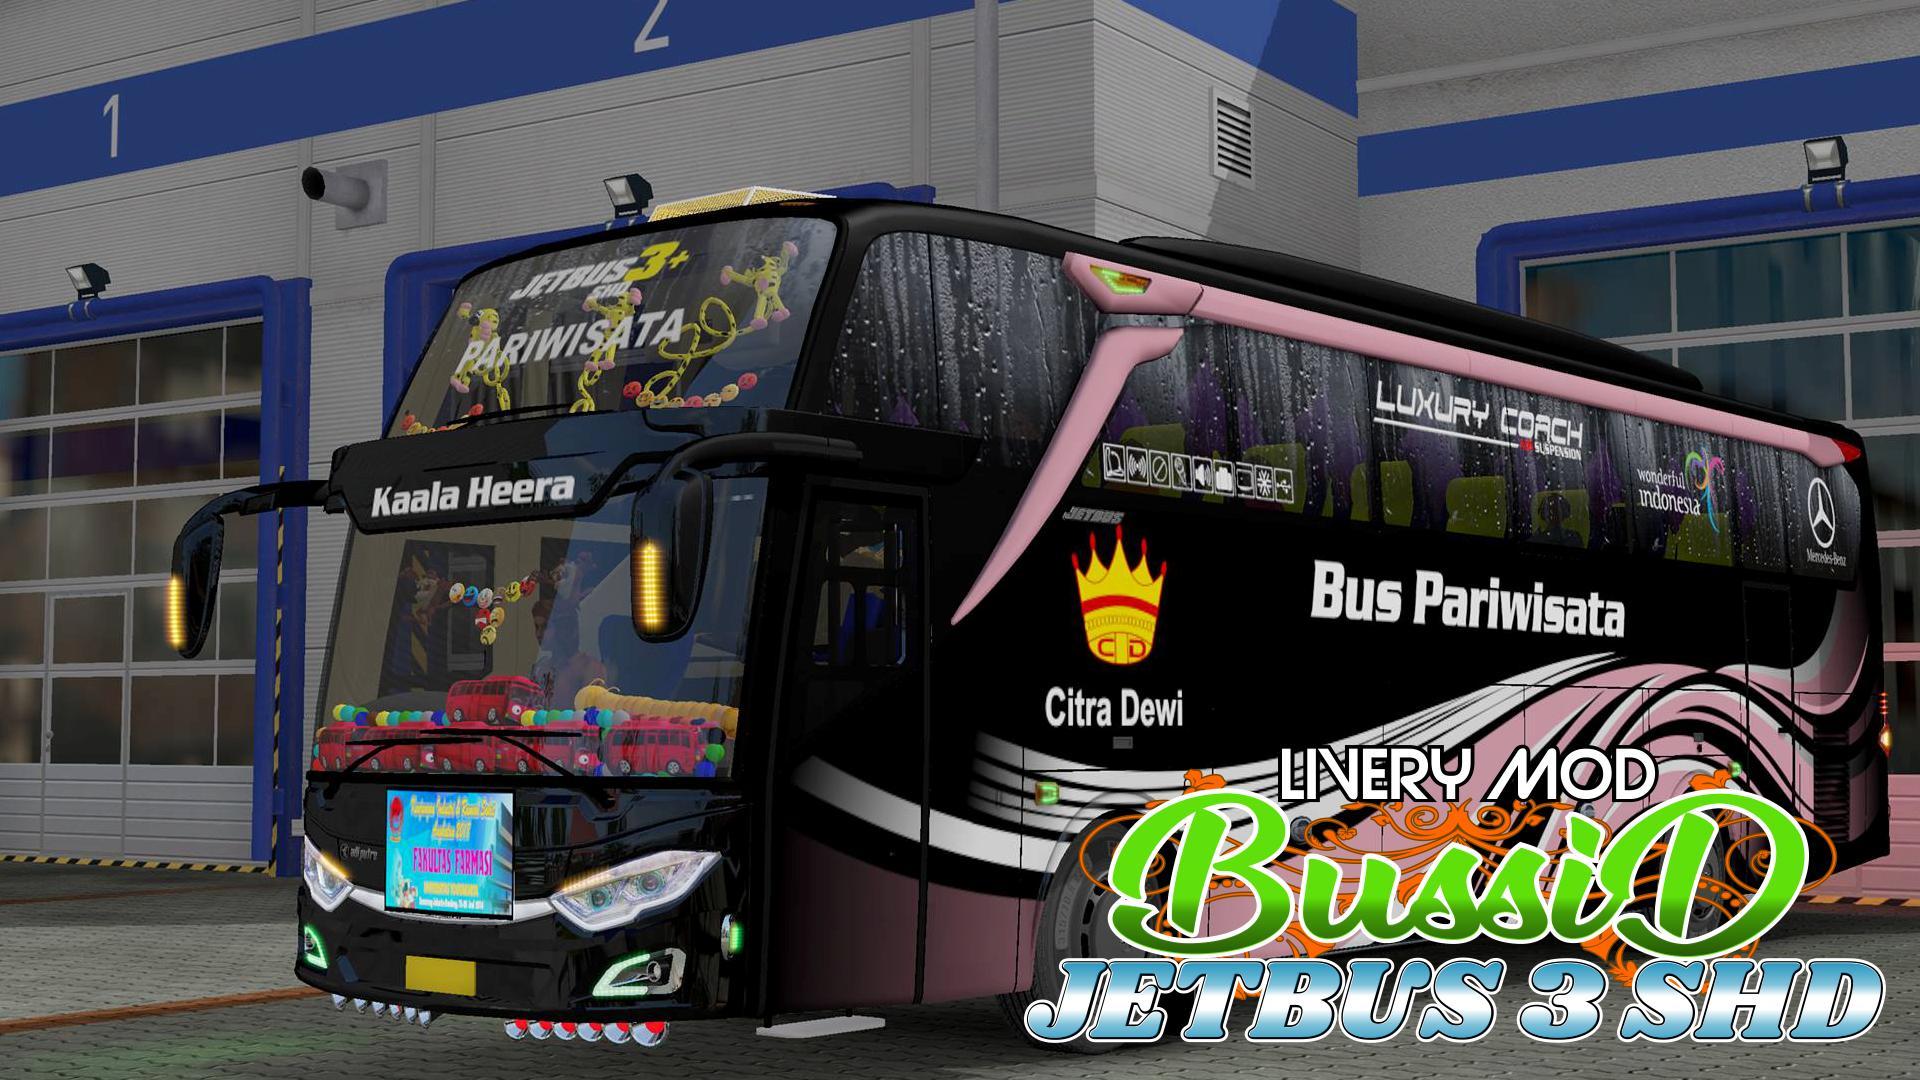 Wallpaper Bus Shd Jb3